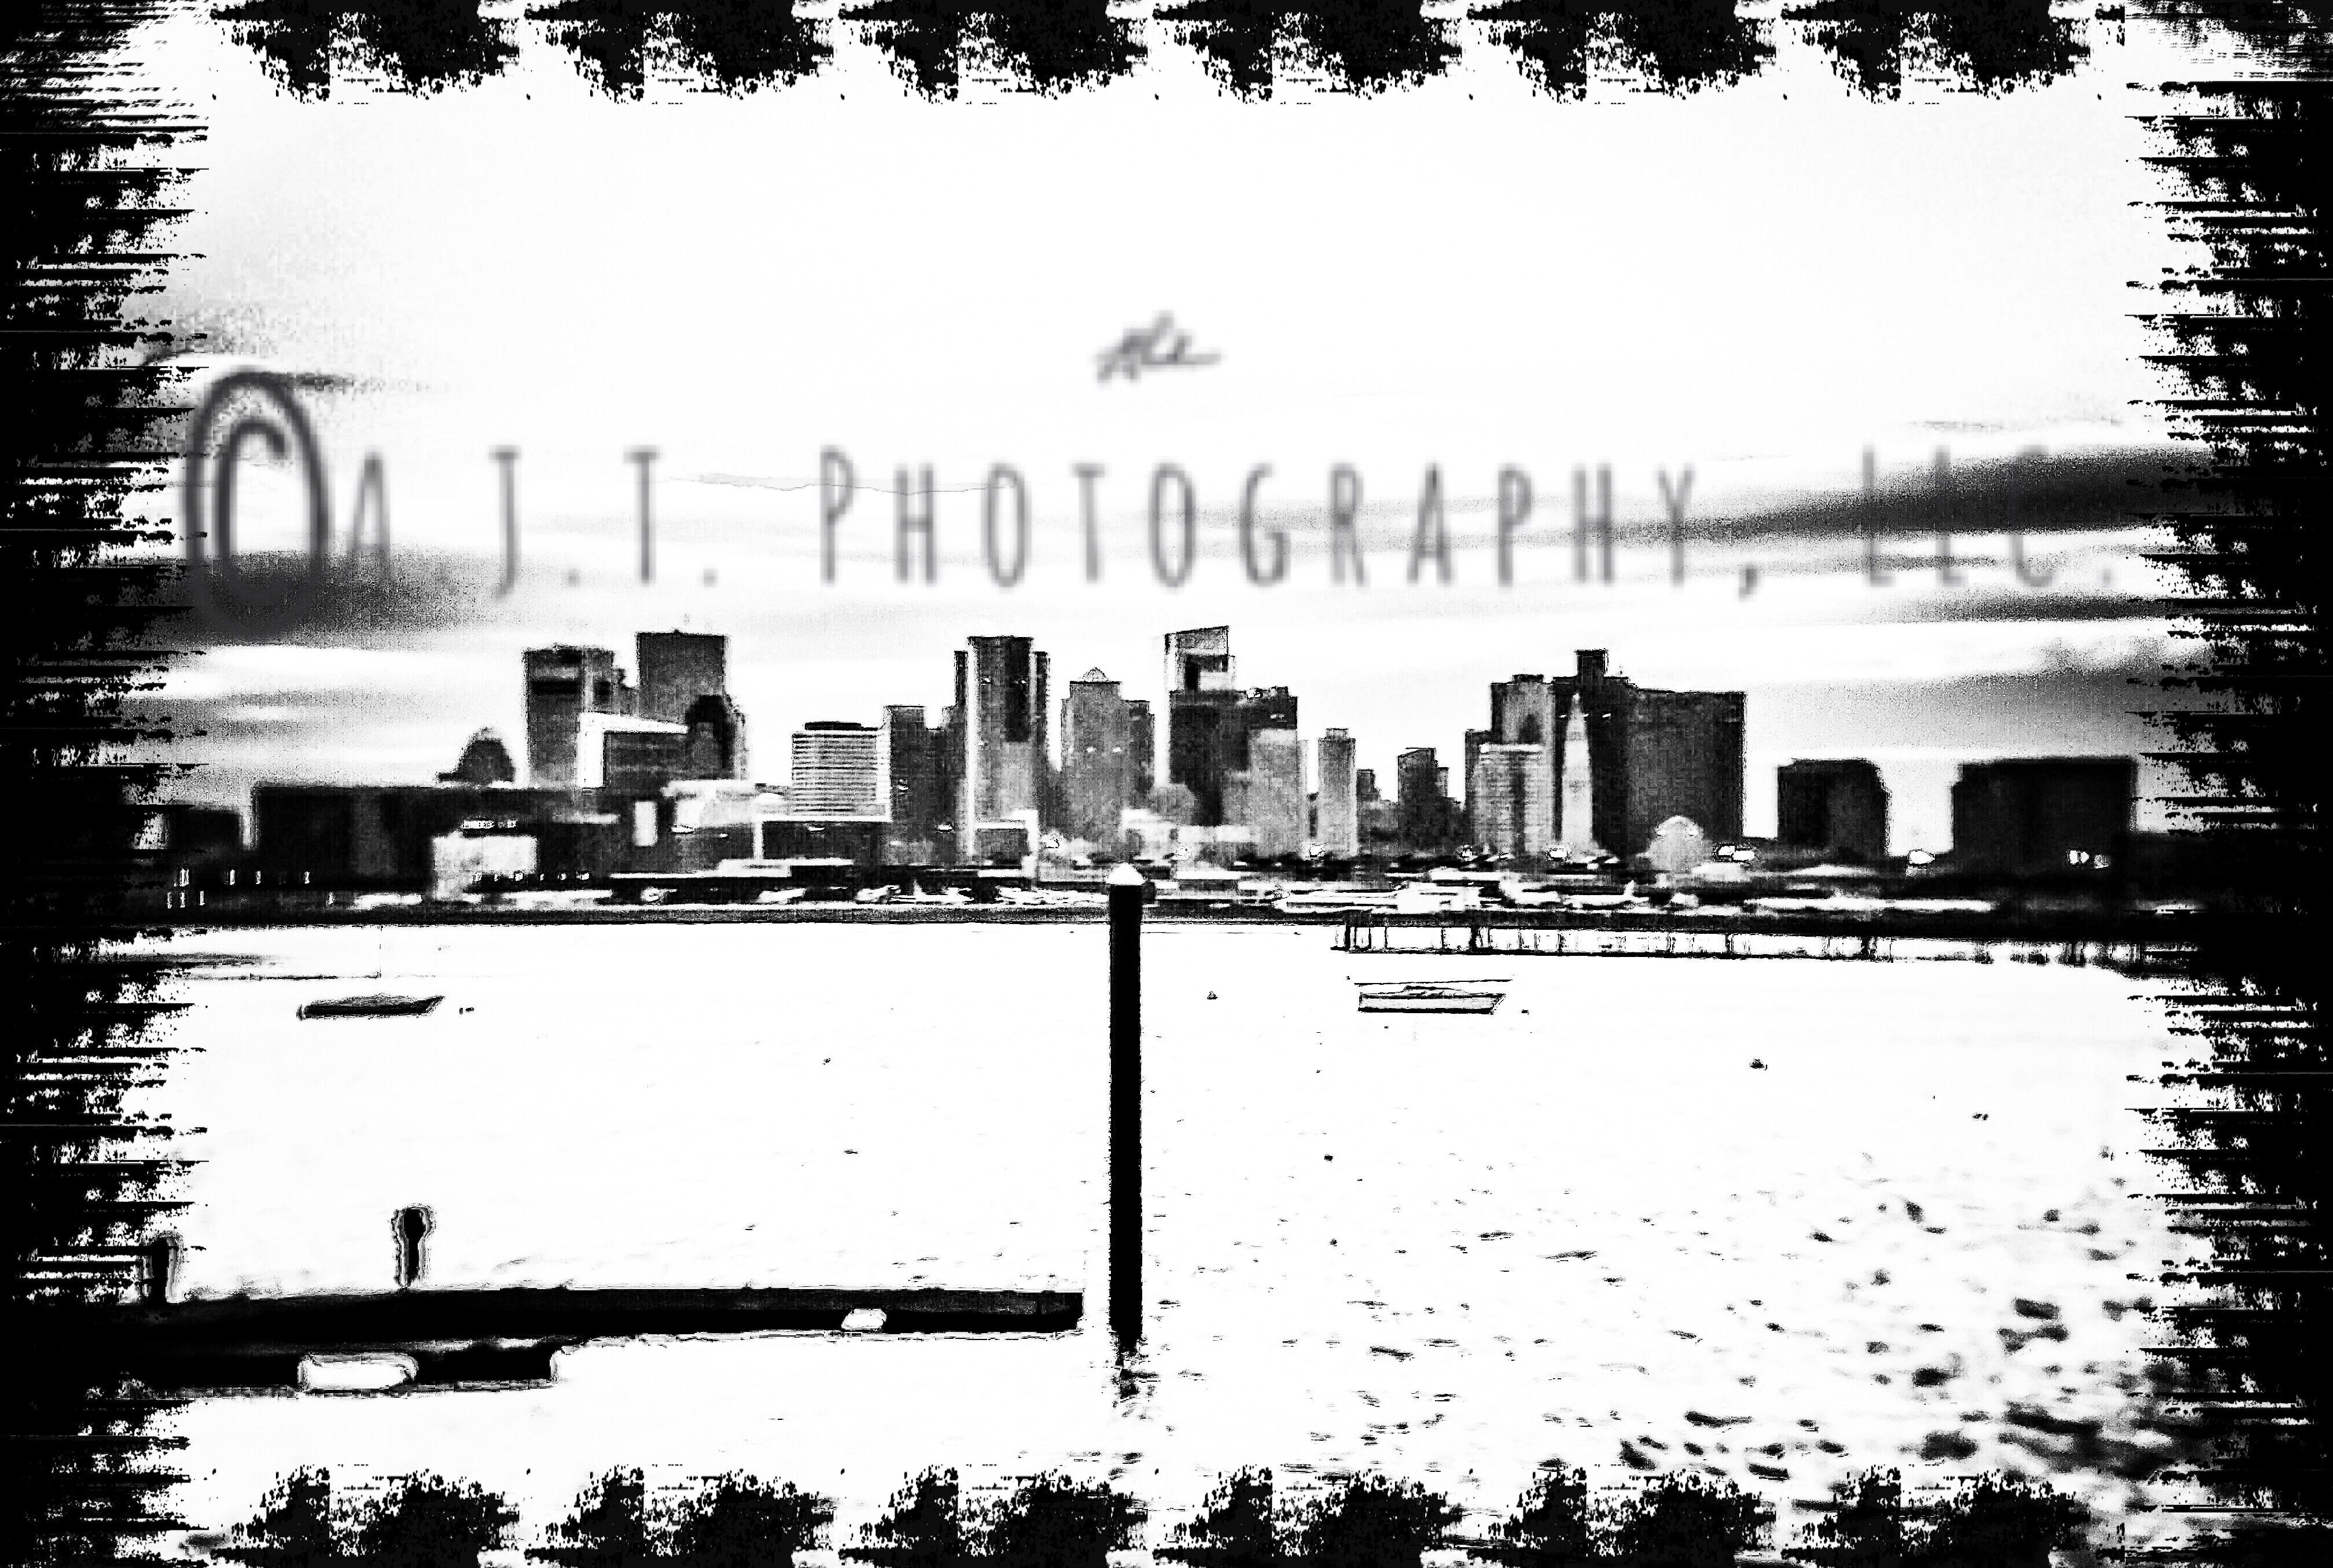 Original photographs by AJ Tinker